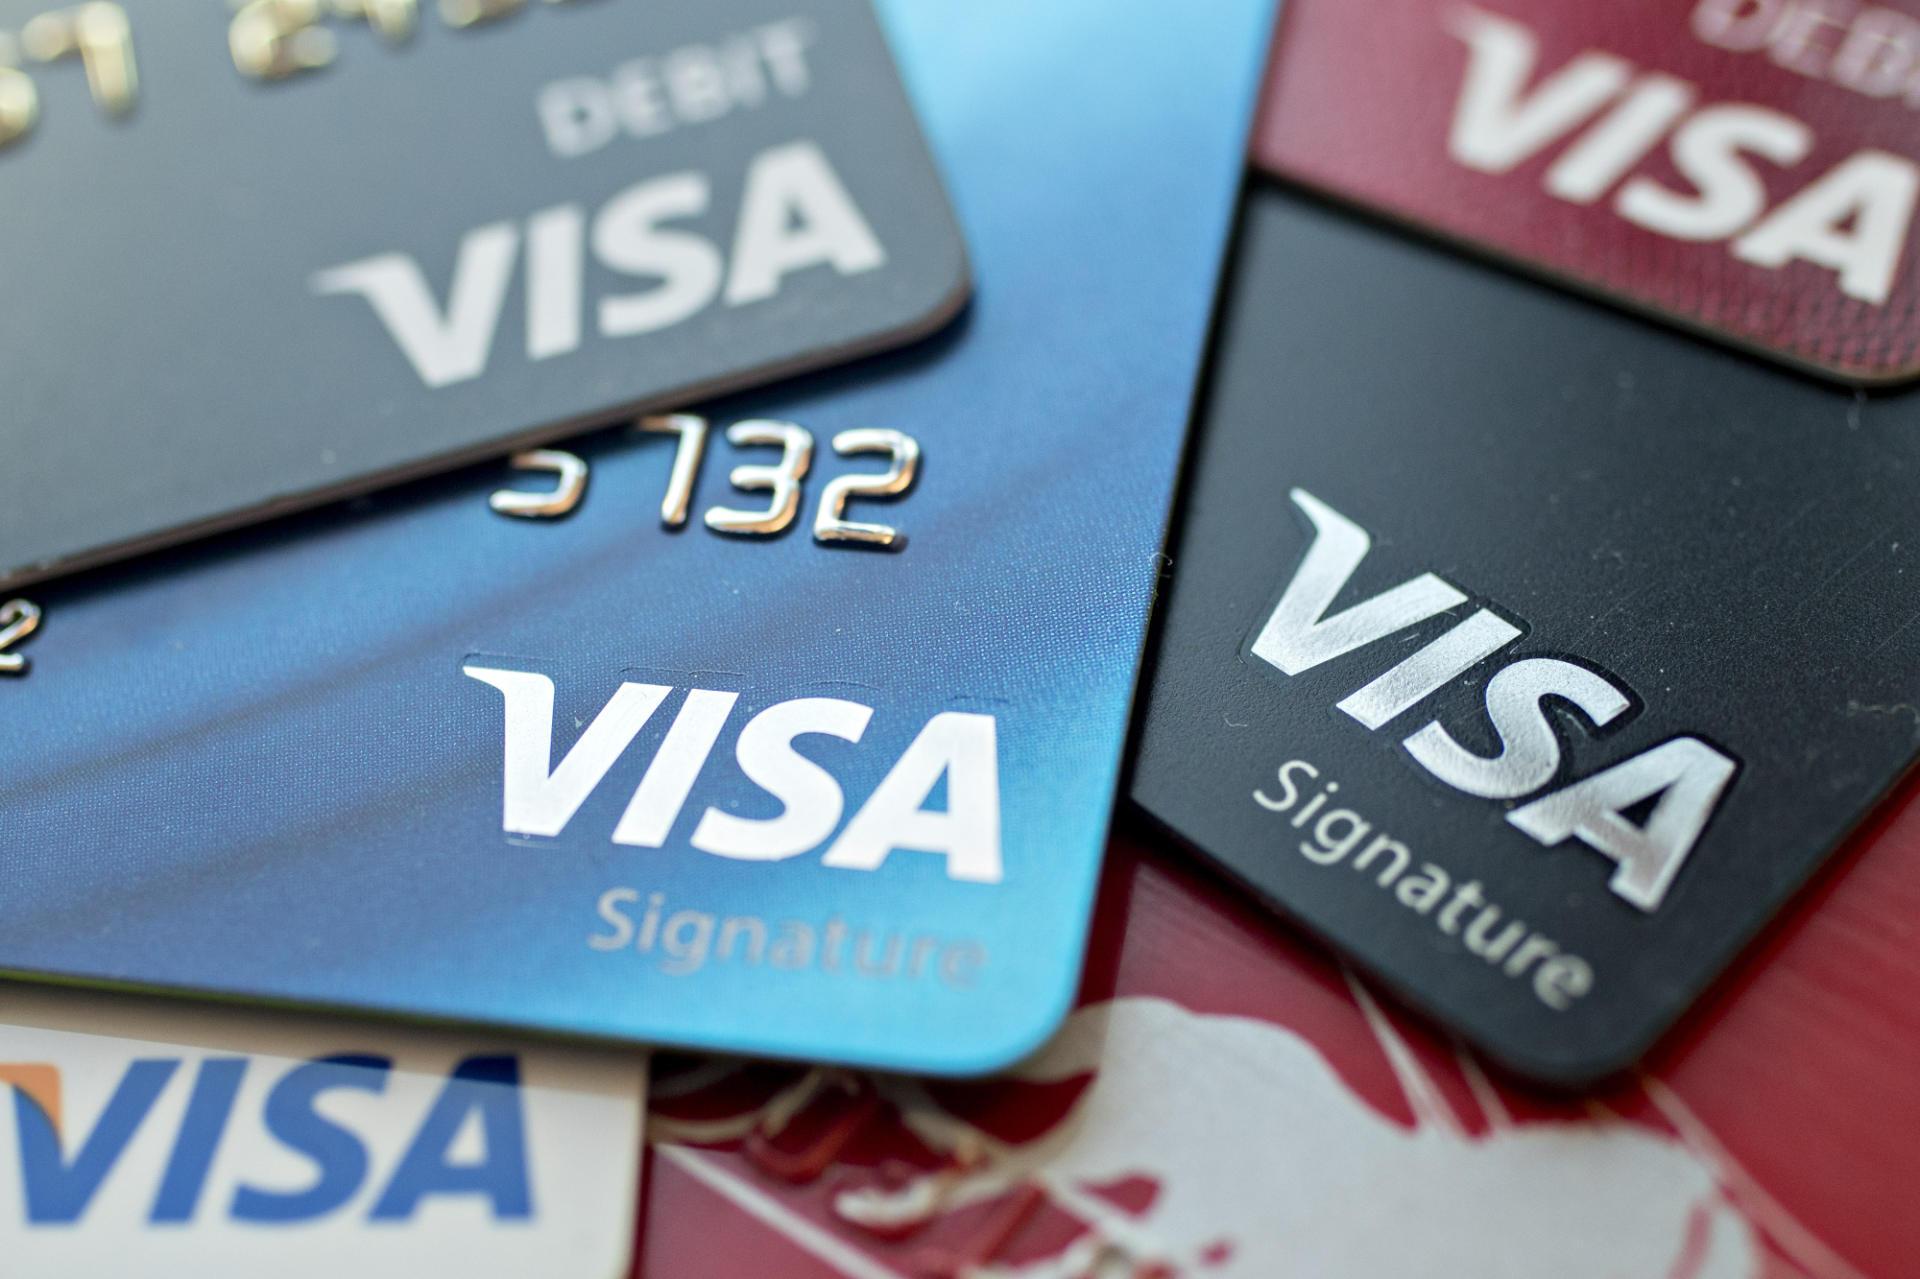 Visa представила Visa Secure – новую программу для проведения онлайн-платежей